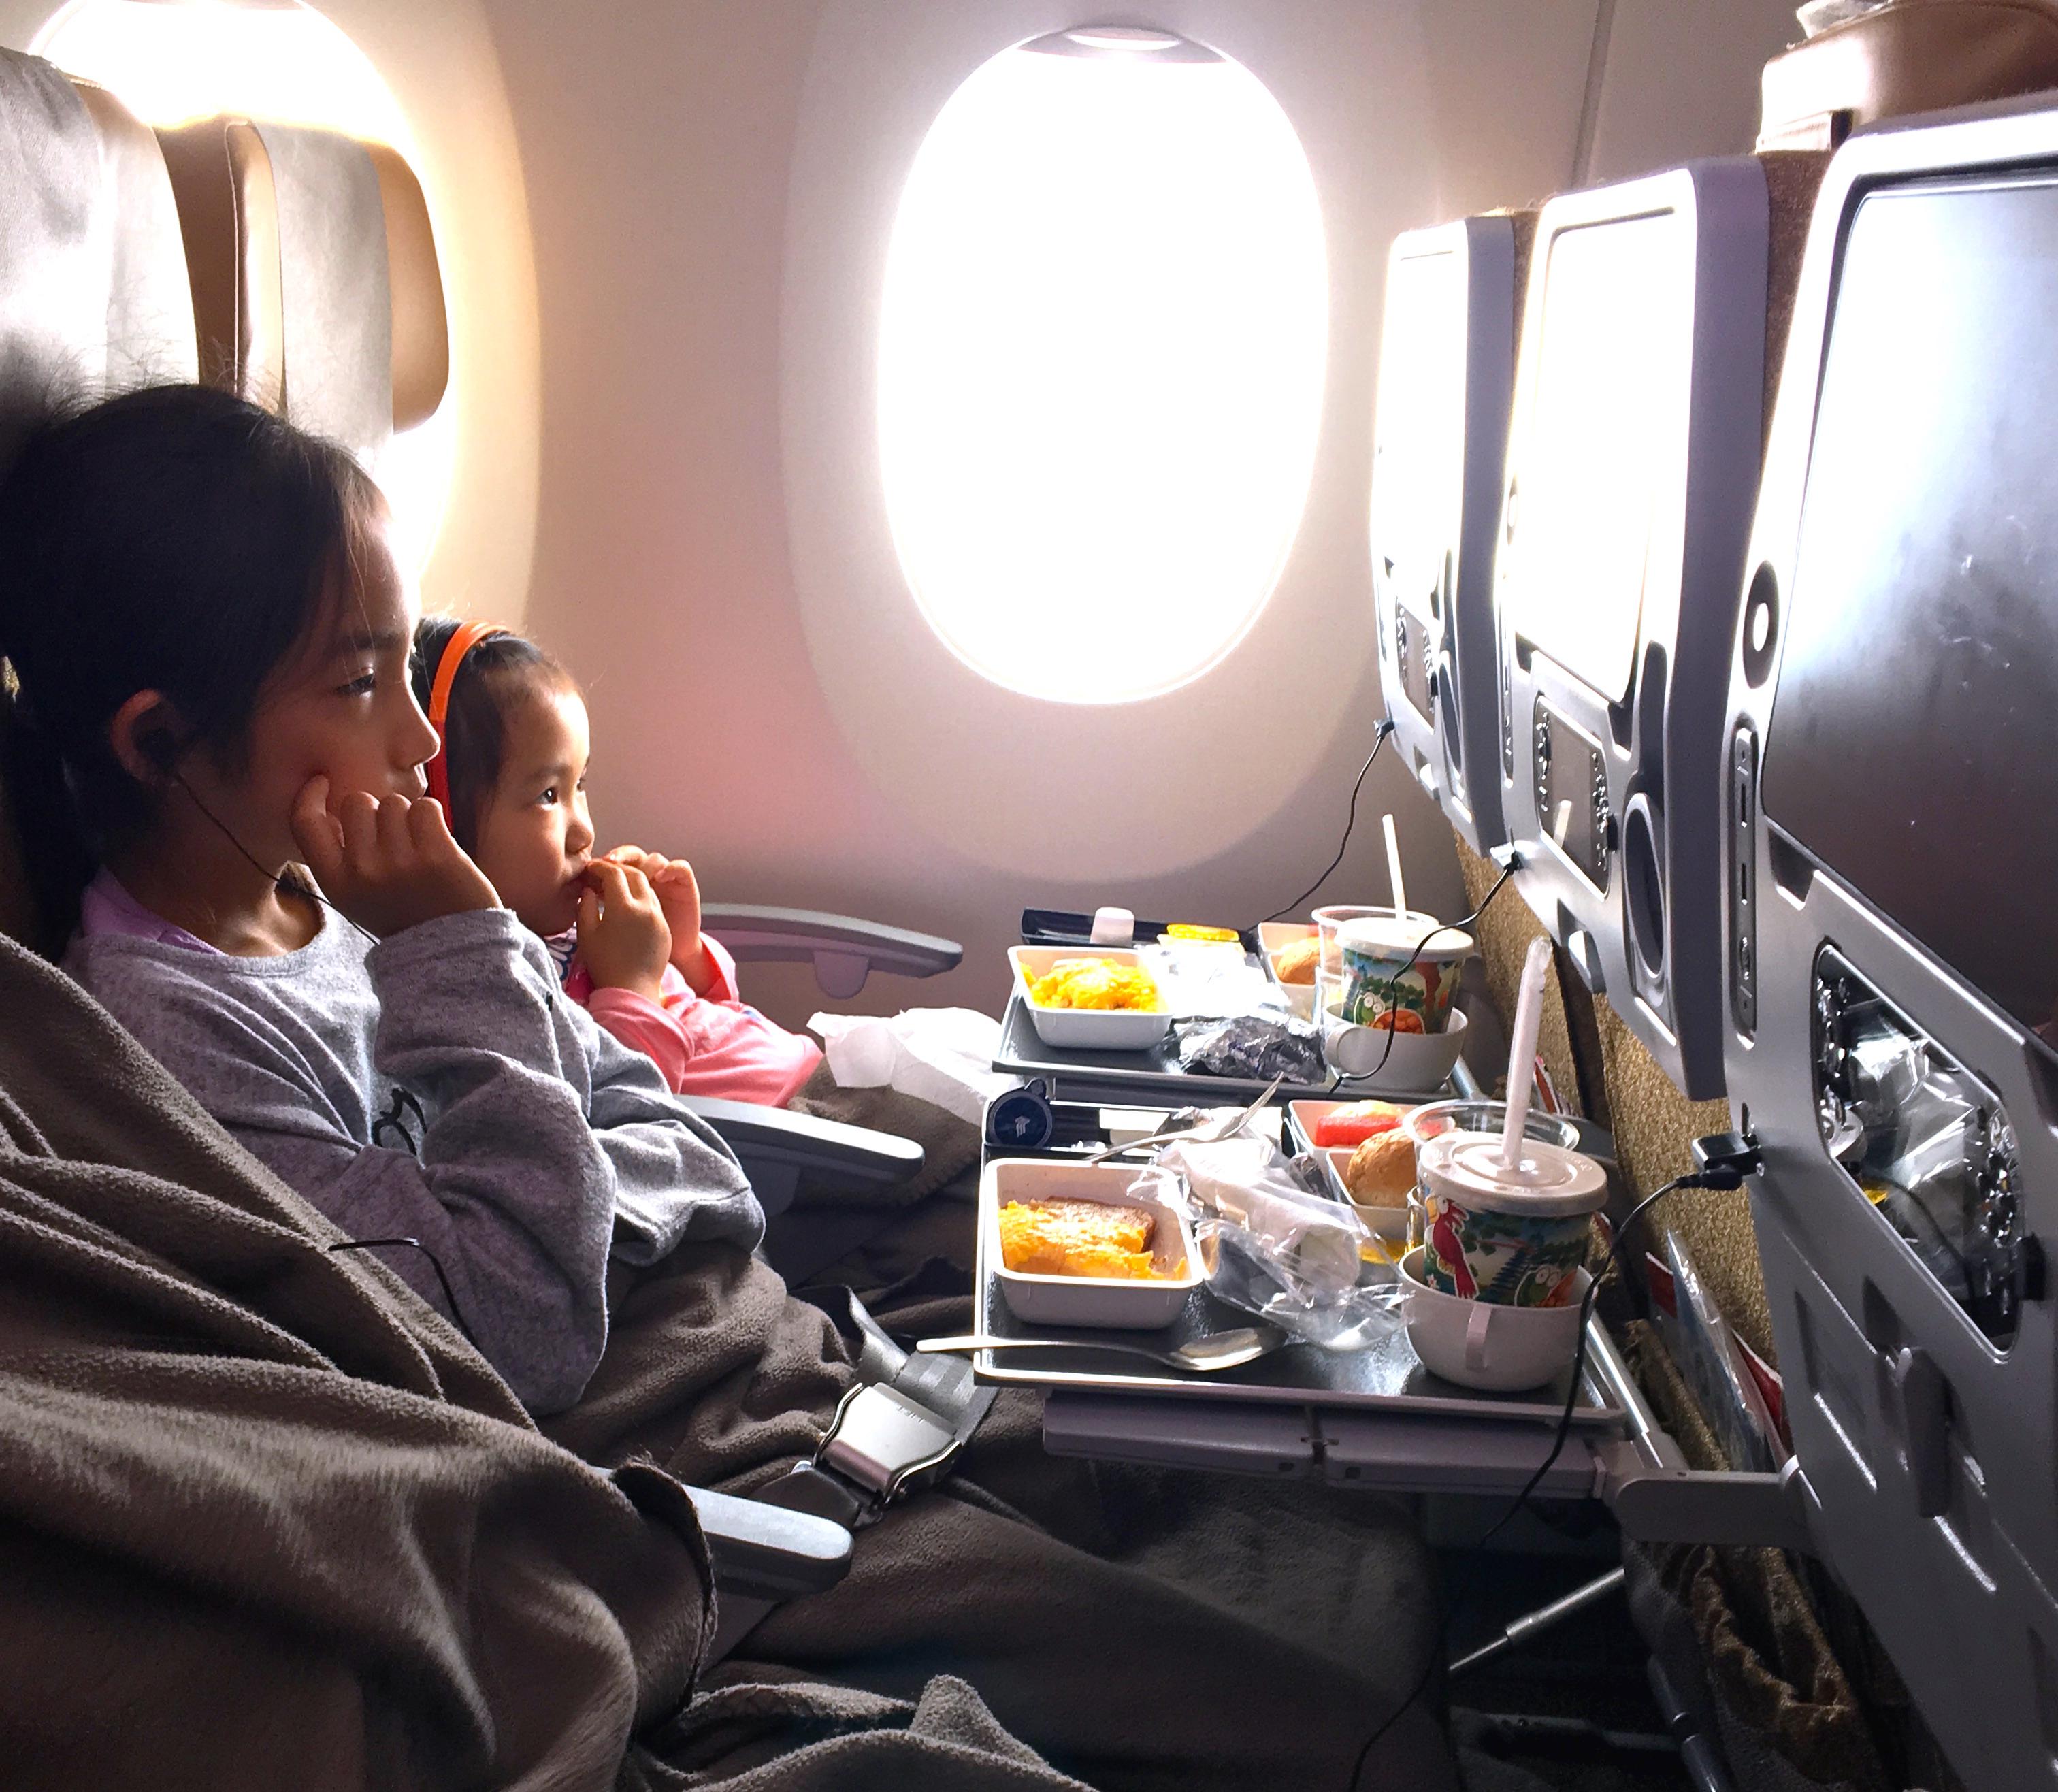 シンガポール旅行の感想とOur Kids